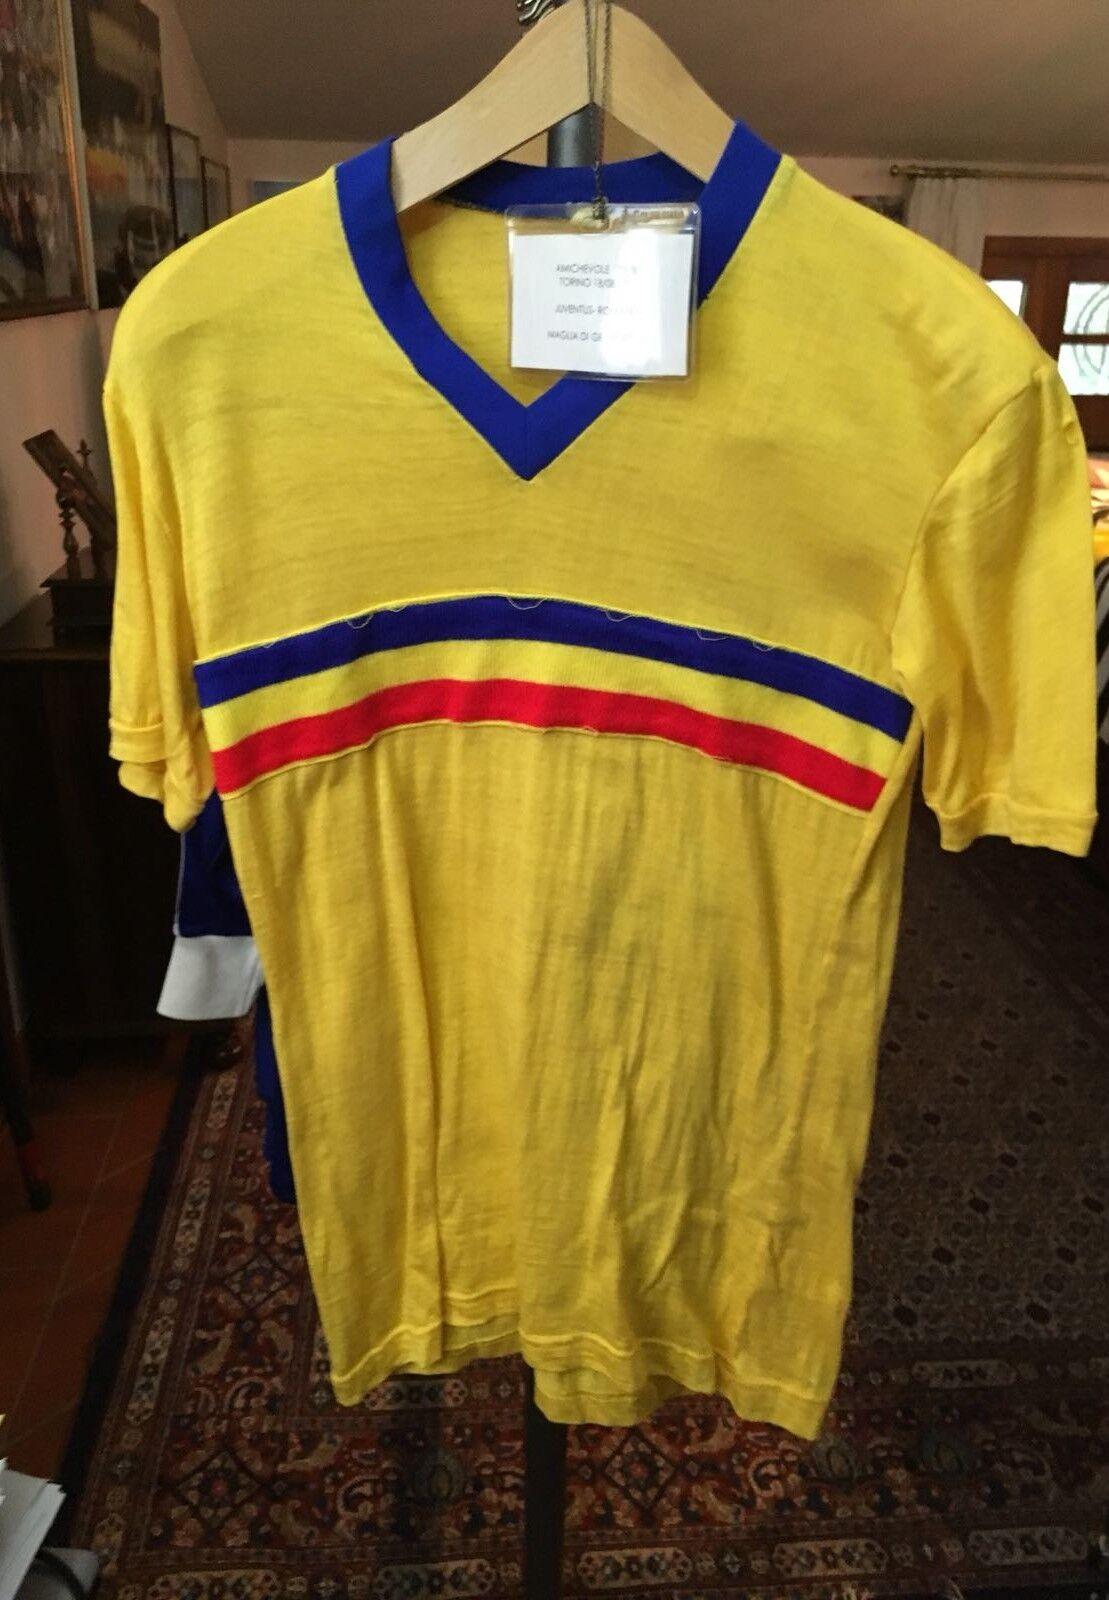 Maglia match worn calcio nazionale Romania no roma lazio milan juve milan lazio napoli inter ae8713